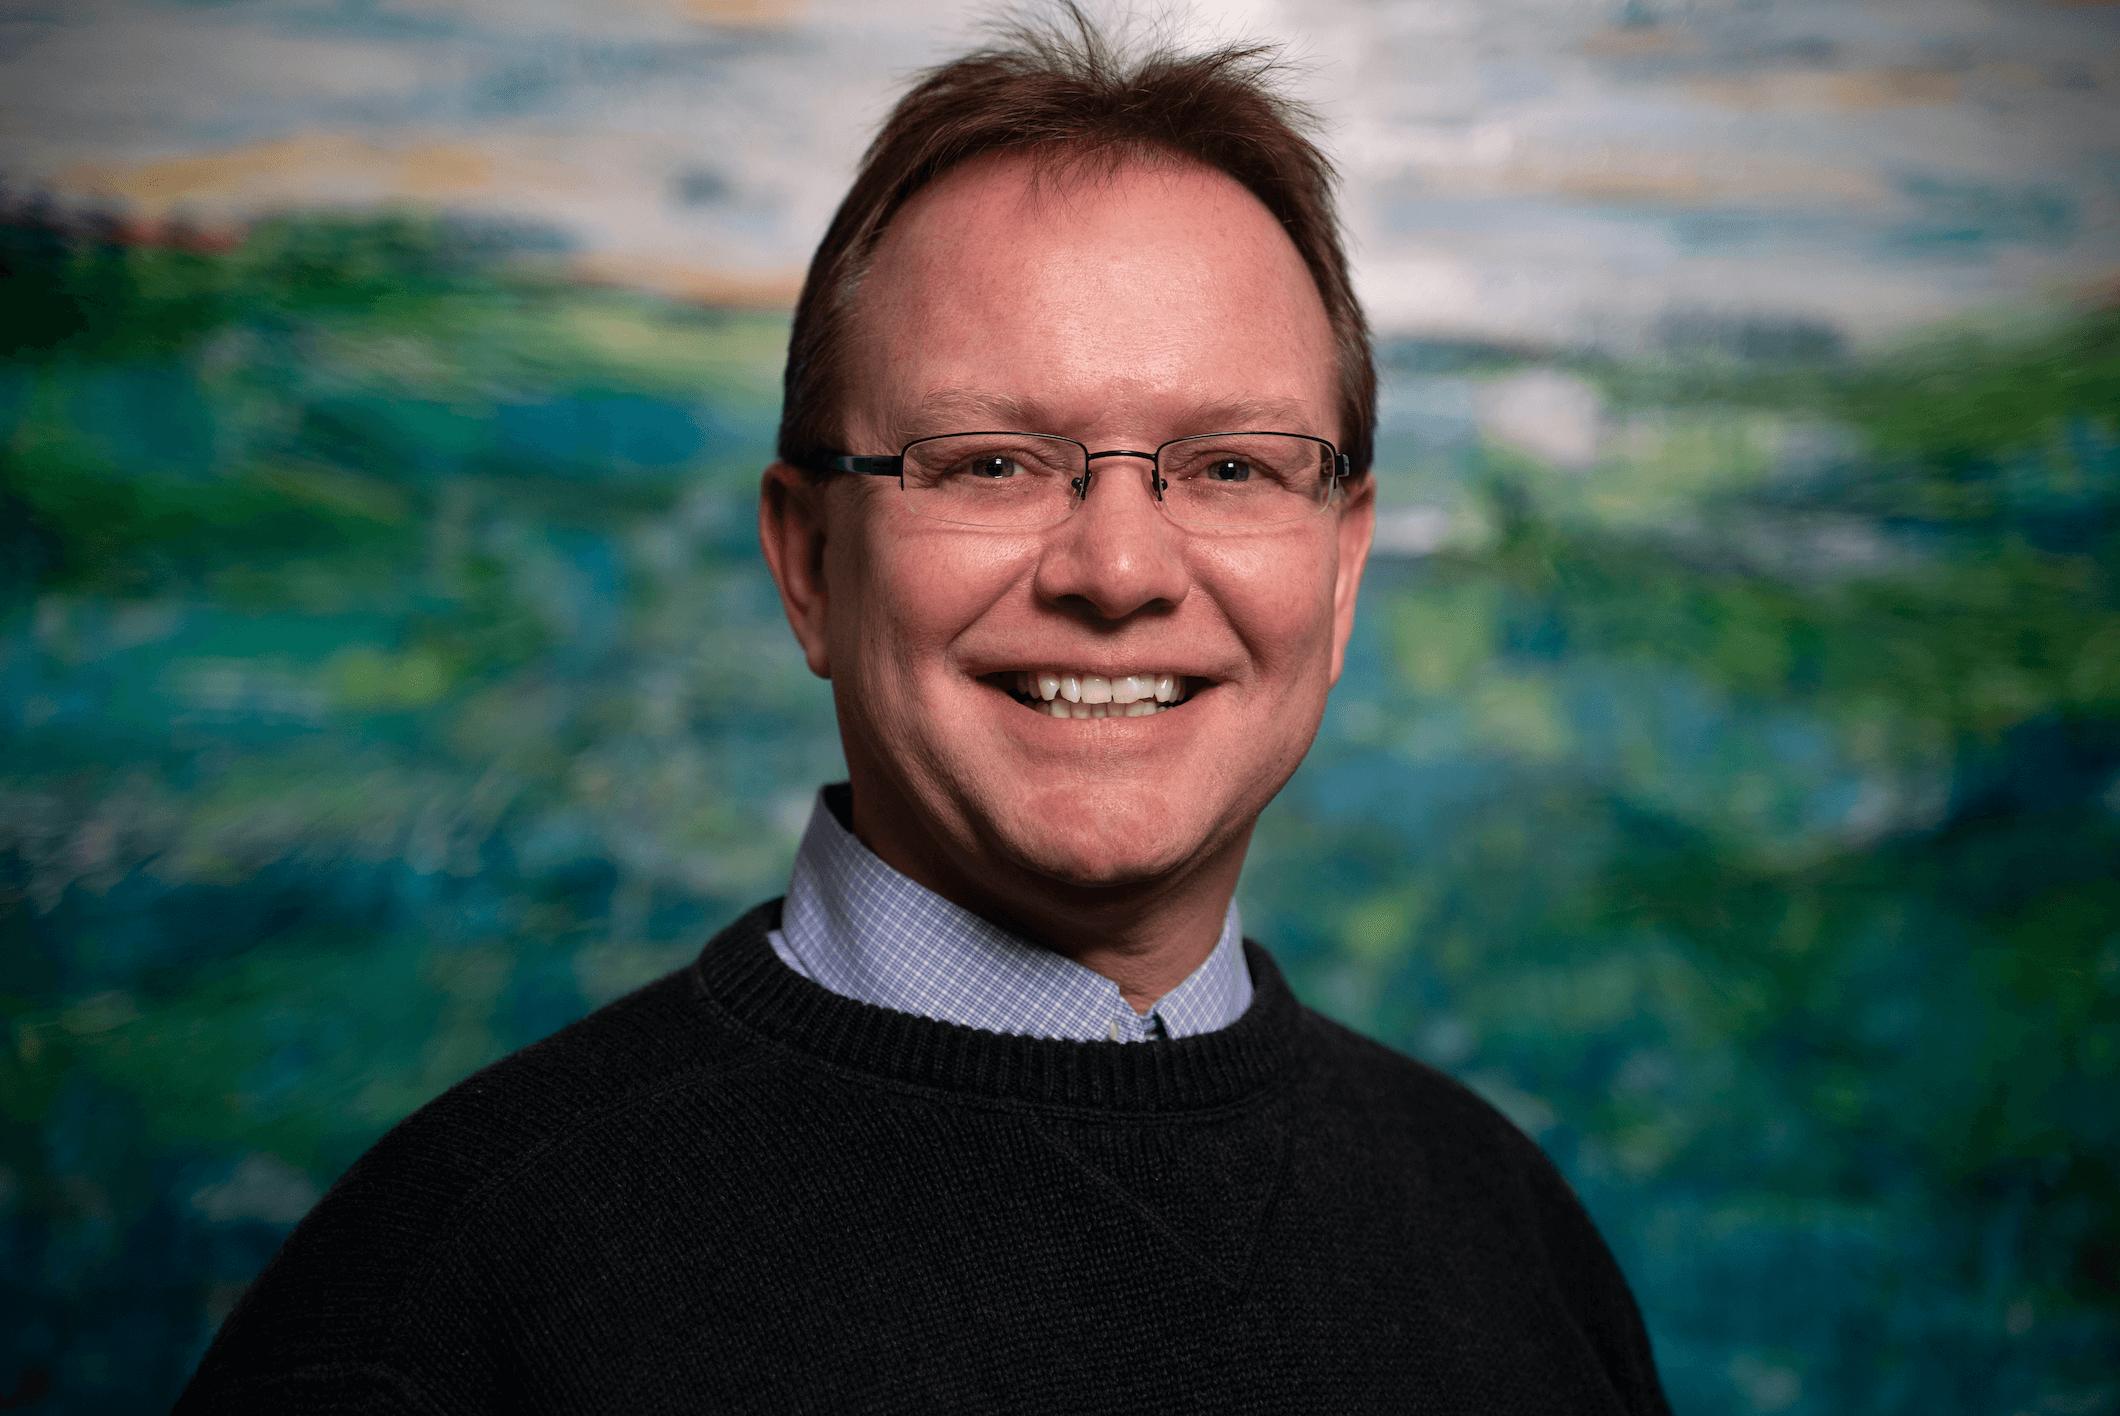 Tim Ungerleider